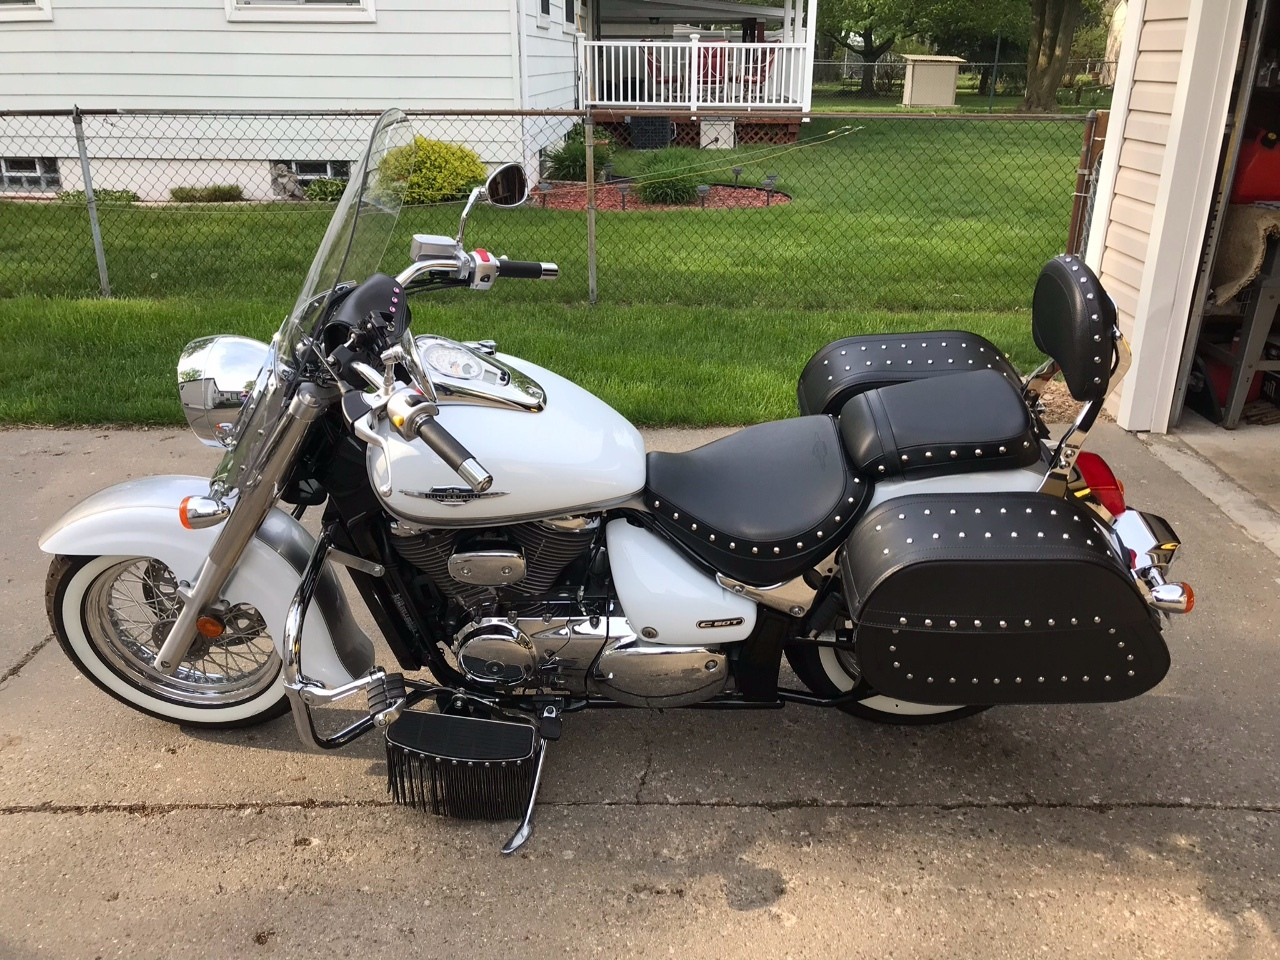 Used Suzuki For Sale - Suzuki Motorcycle,Trailers